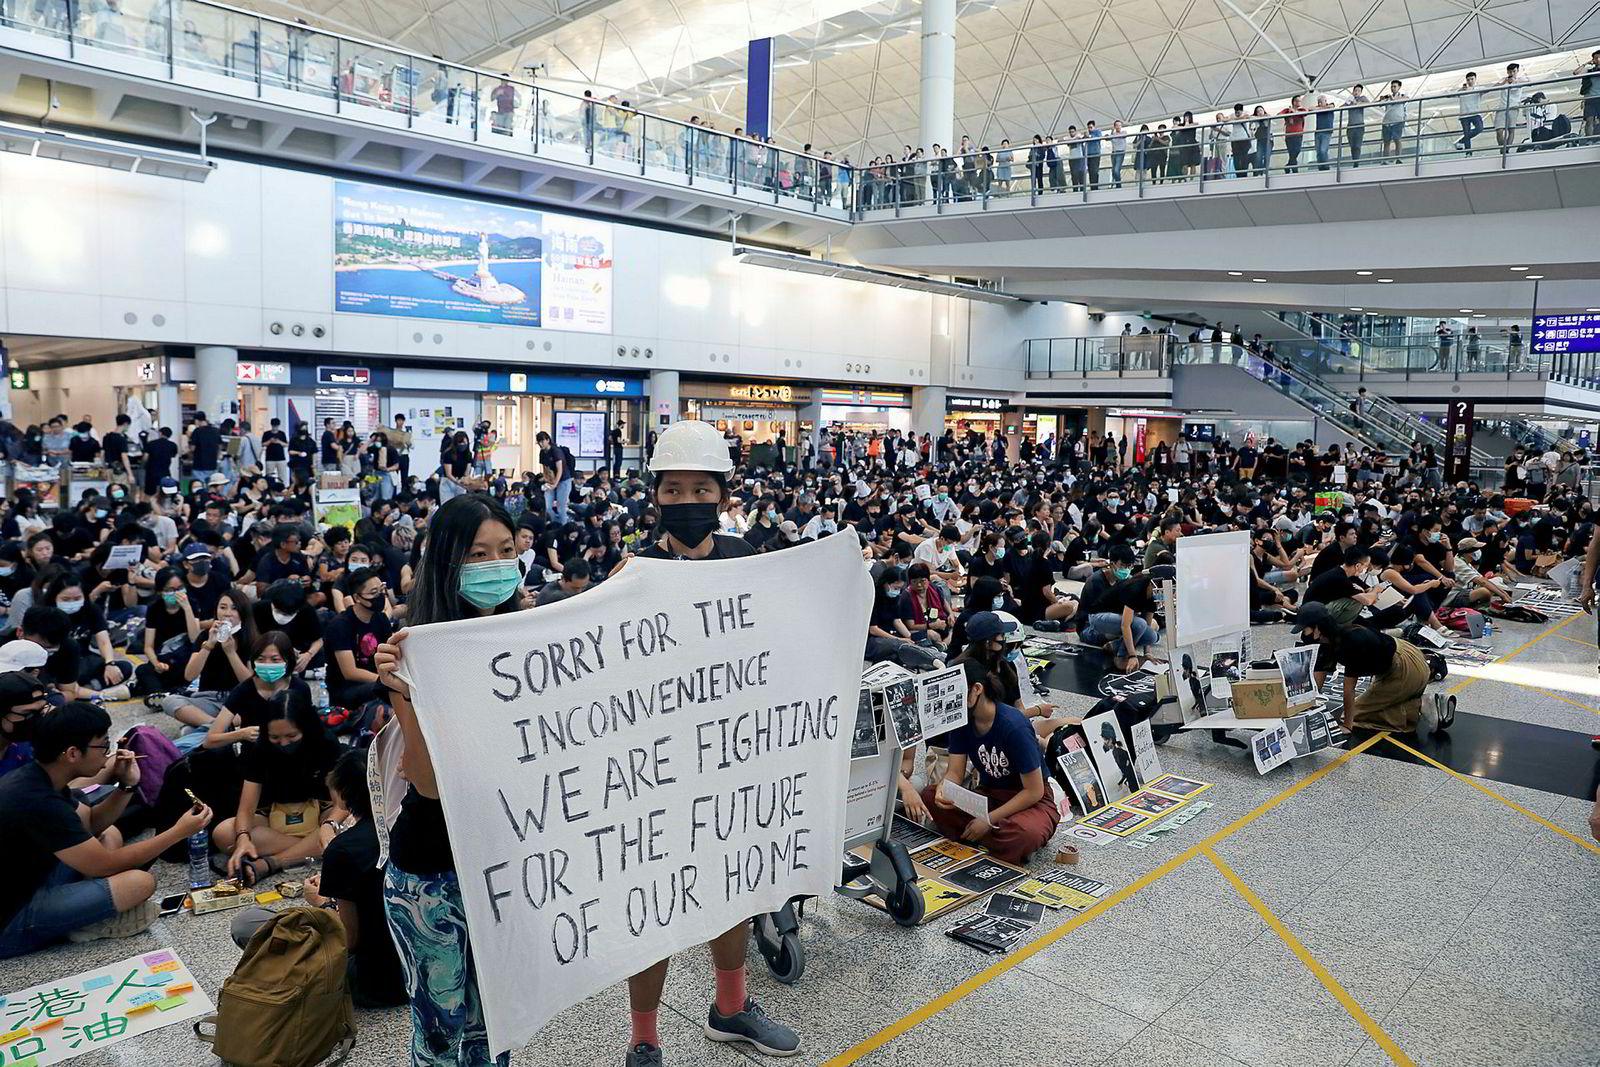 For andre dag på rad blokkerte demonstrantene avgangshallen på flyplassen i Hongkong, noe som førte til at alle flyavganger ble innstilt.